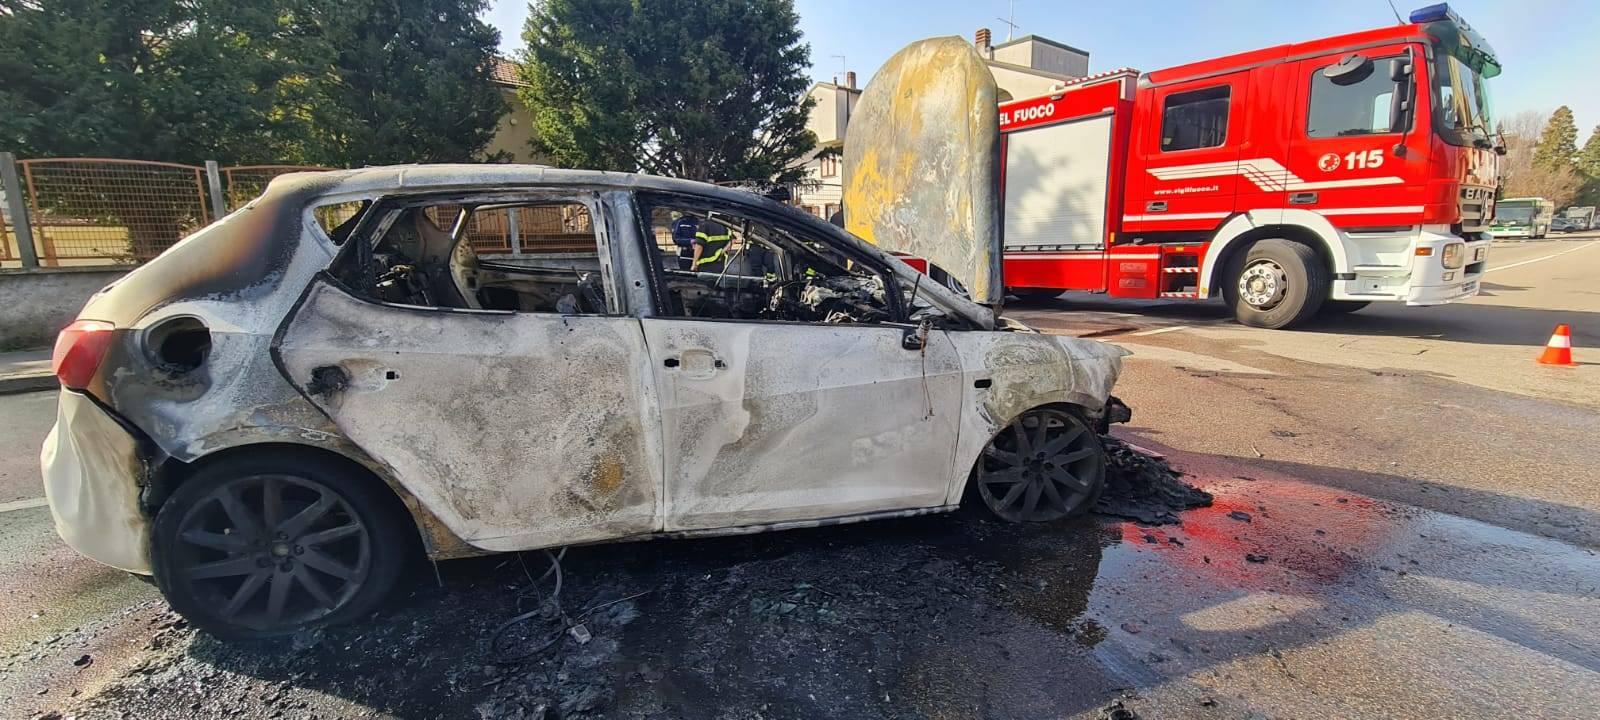 Auto in fiamme viale Lombardia Castellanza